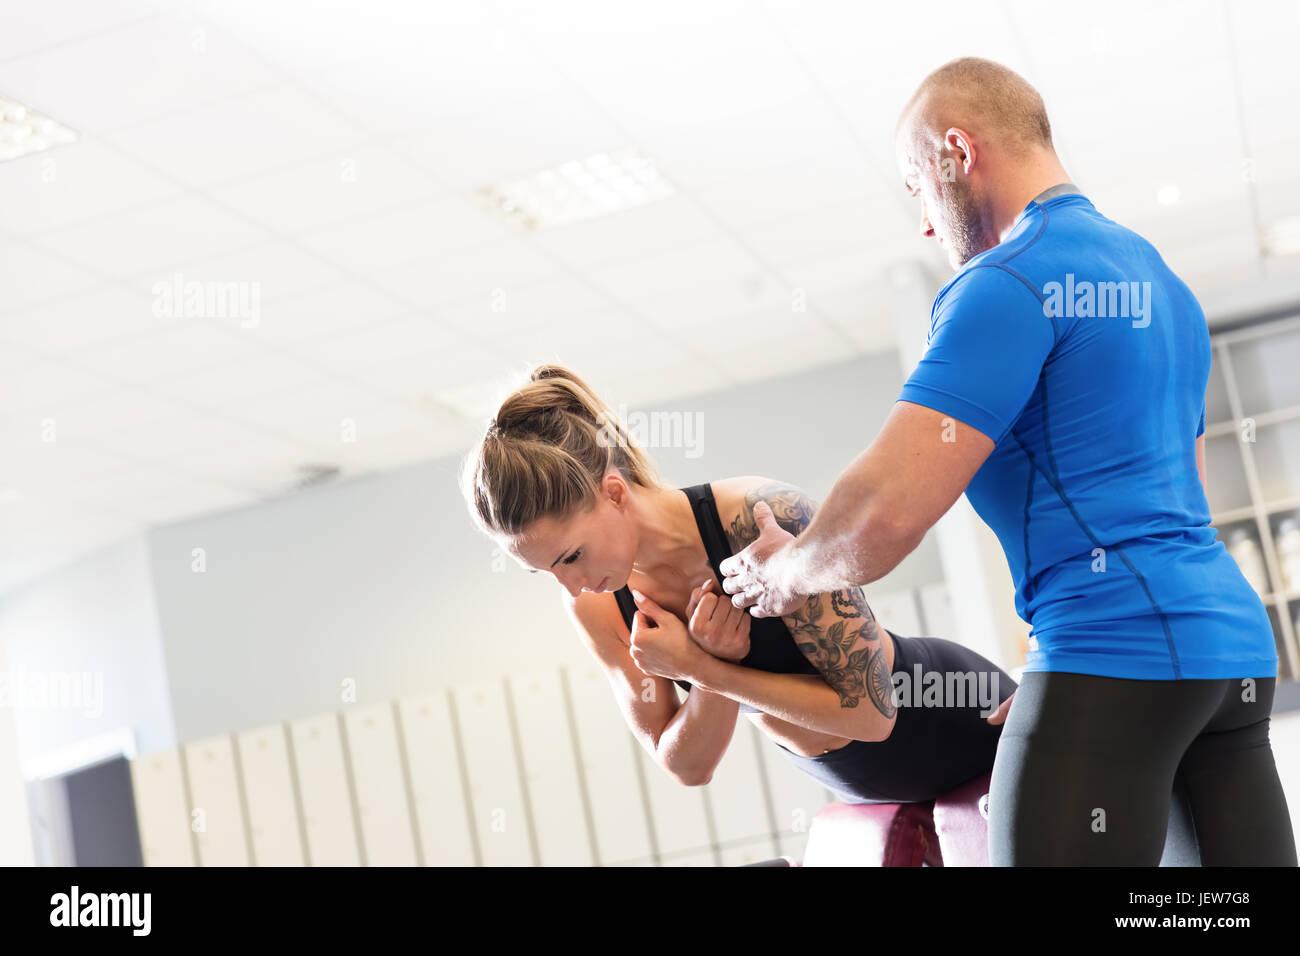 Persönlicher Trainer in der Turnhalle mit einem Client arbeiten. Training Hilfe und Motivation. Sport-Konzept. Stockbild